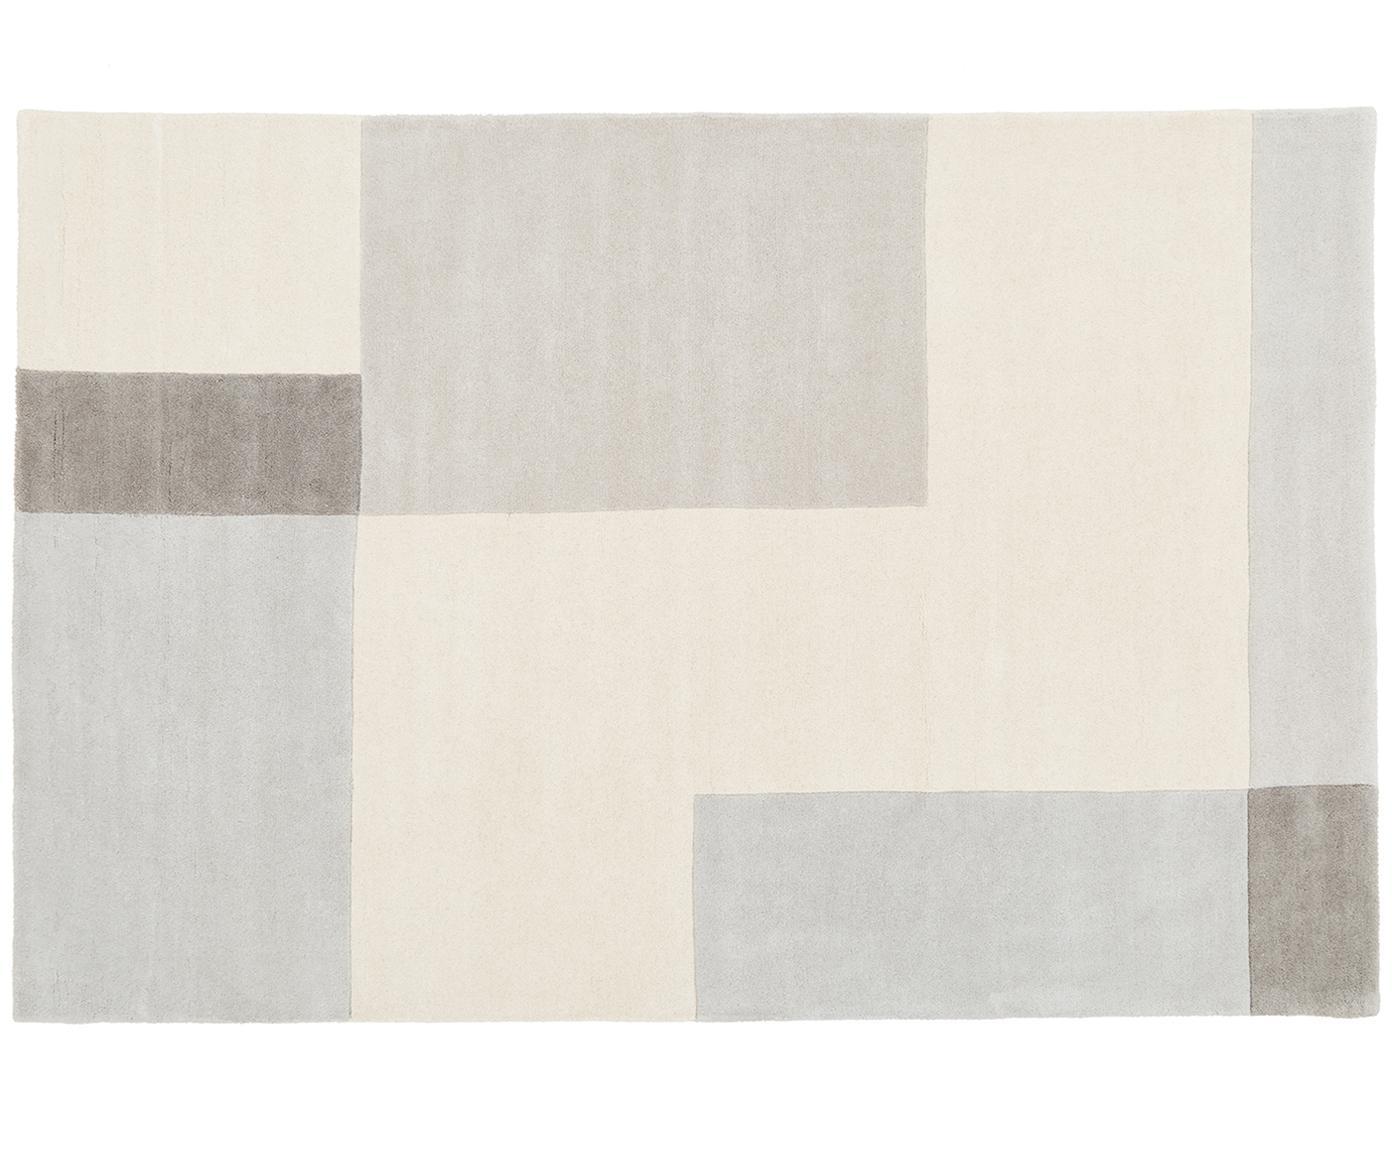 Handgetuft wollen vloerkleed Keith, Bovenzijde: wol, Onderzijde: katoen, Beige, grijs, B 120 x L 180 cm (maat S)